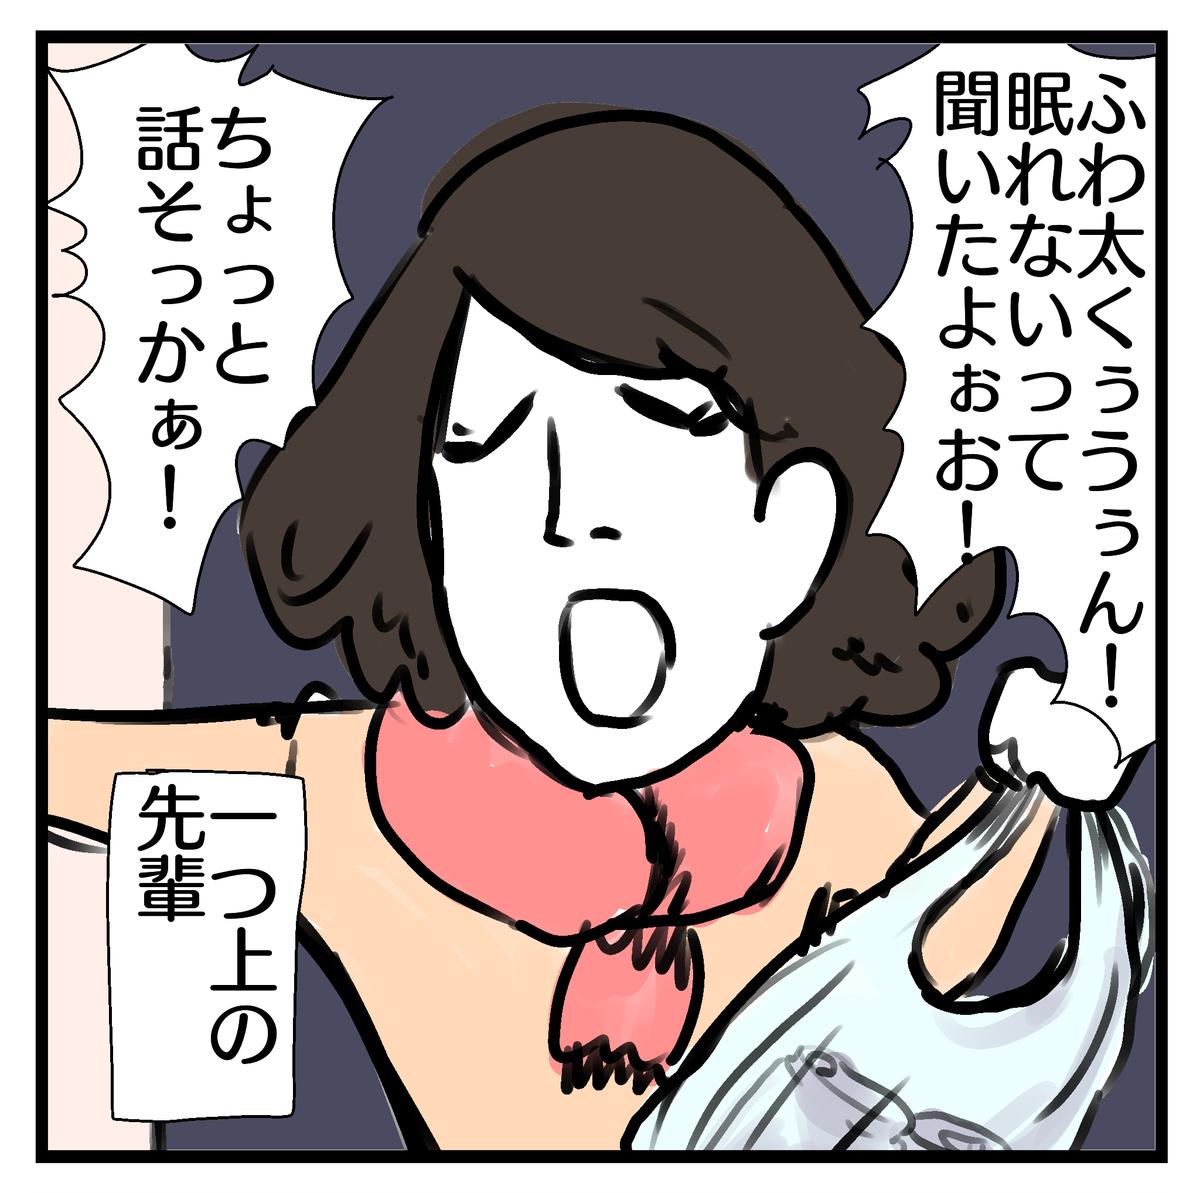 f:id:YuruFuwaTa:20200619160901p:plain